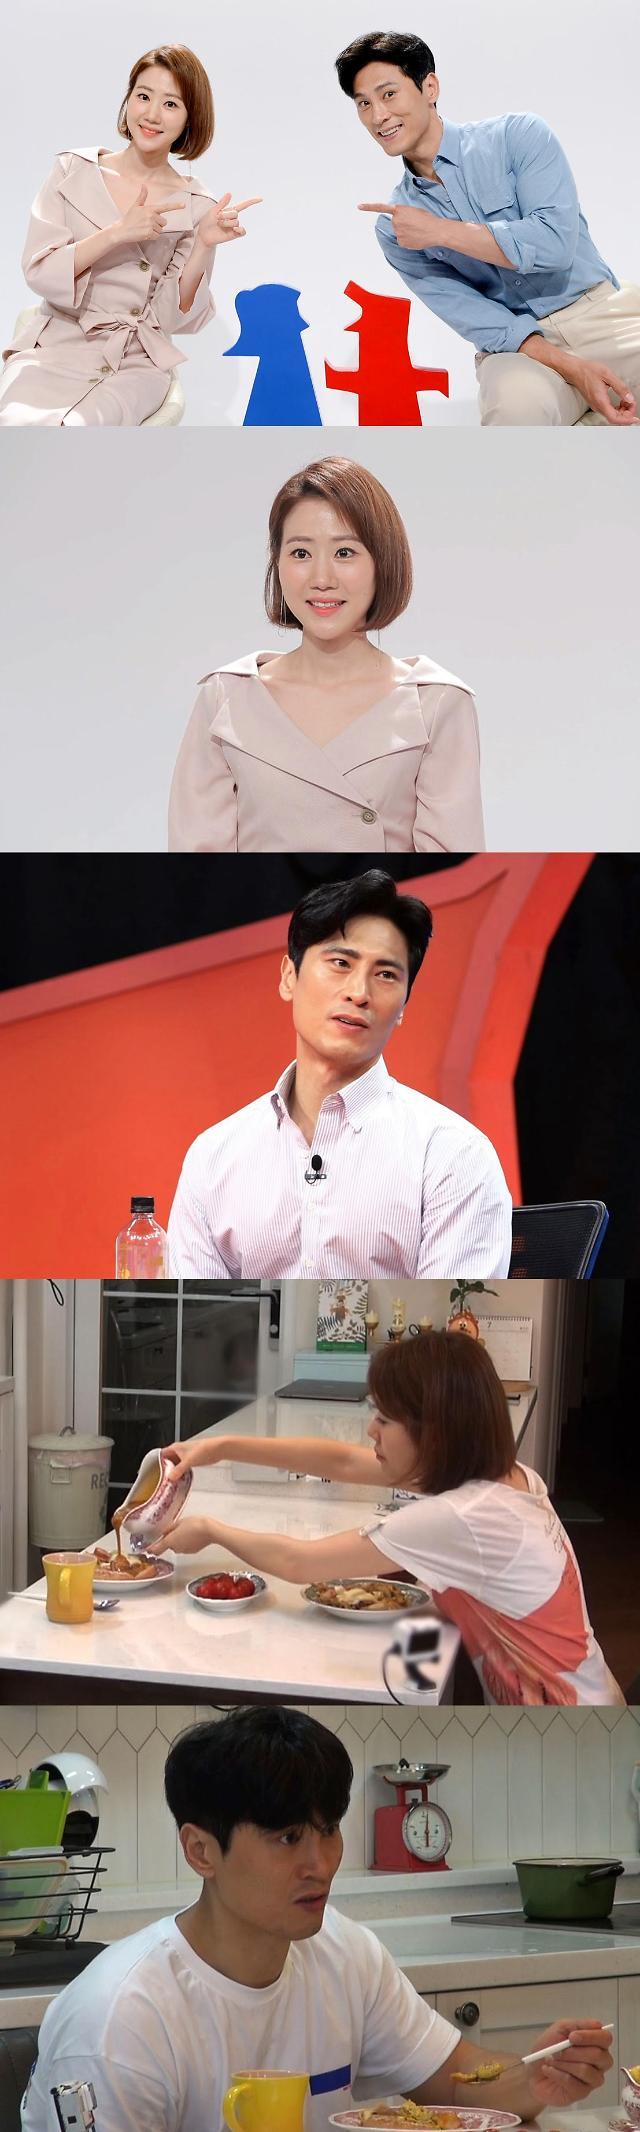 너는 내운명, 'SNS 대통령' 김재우♥조유리, 평범함을 거부하는 '사랑꾼' 반전 실체?